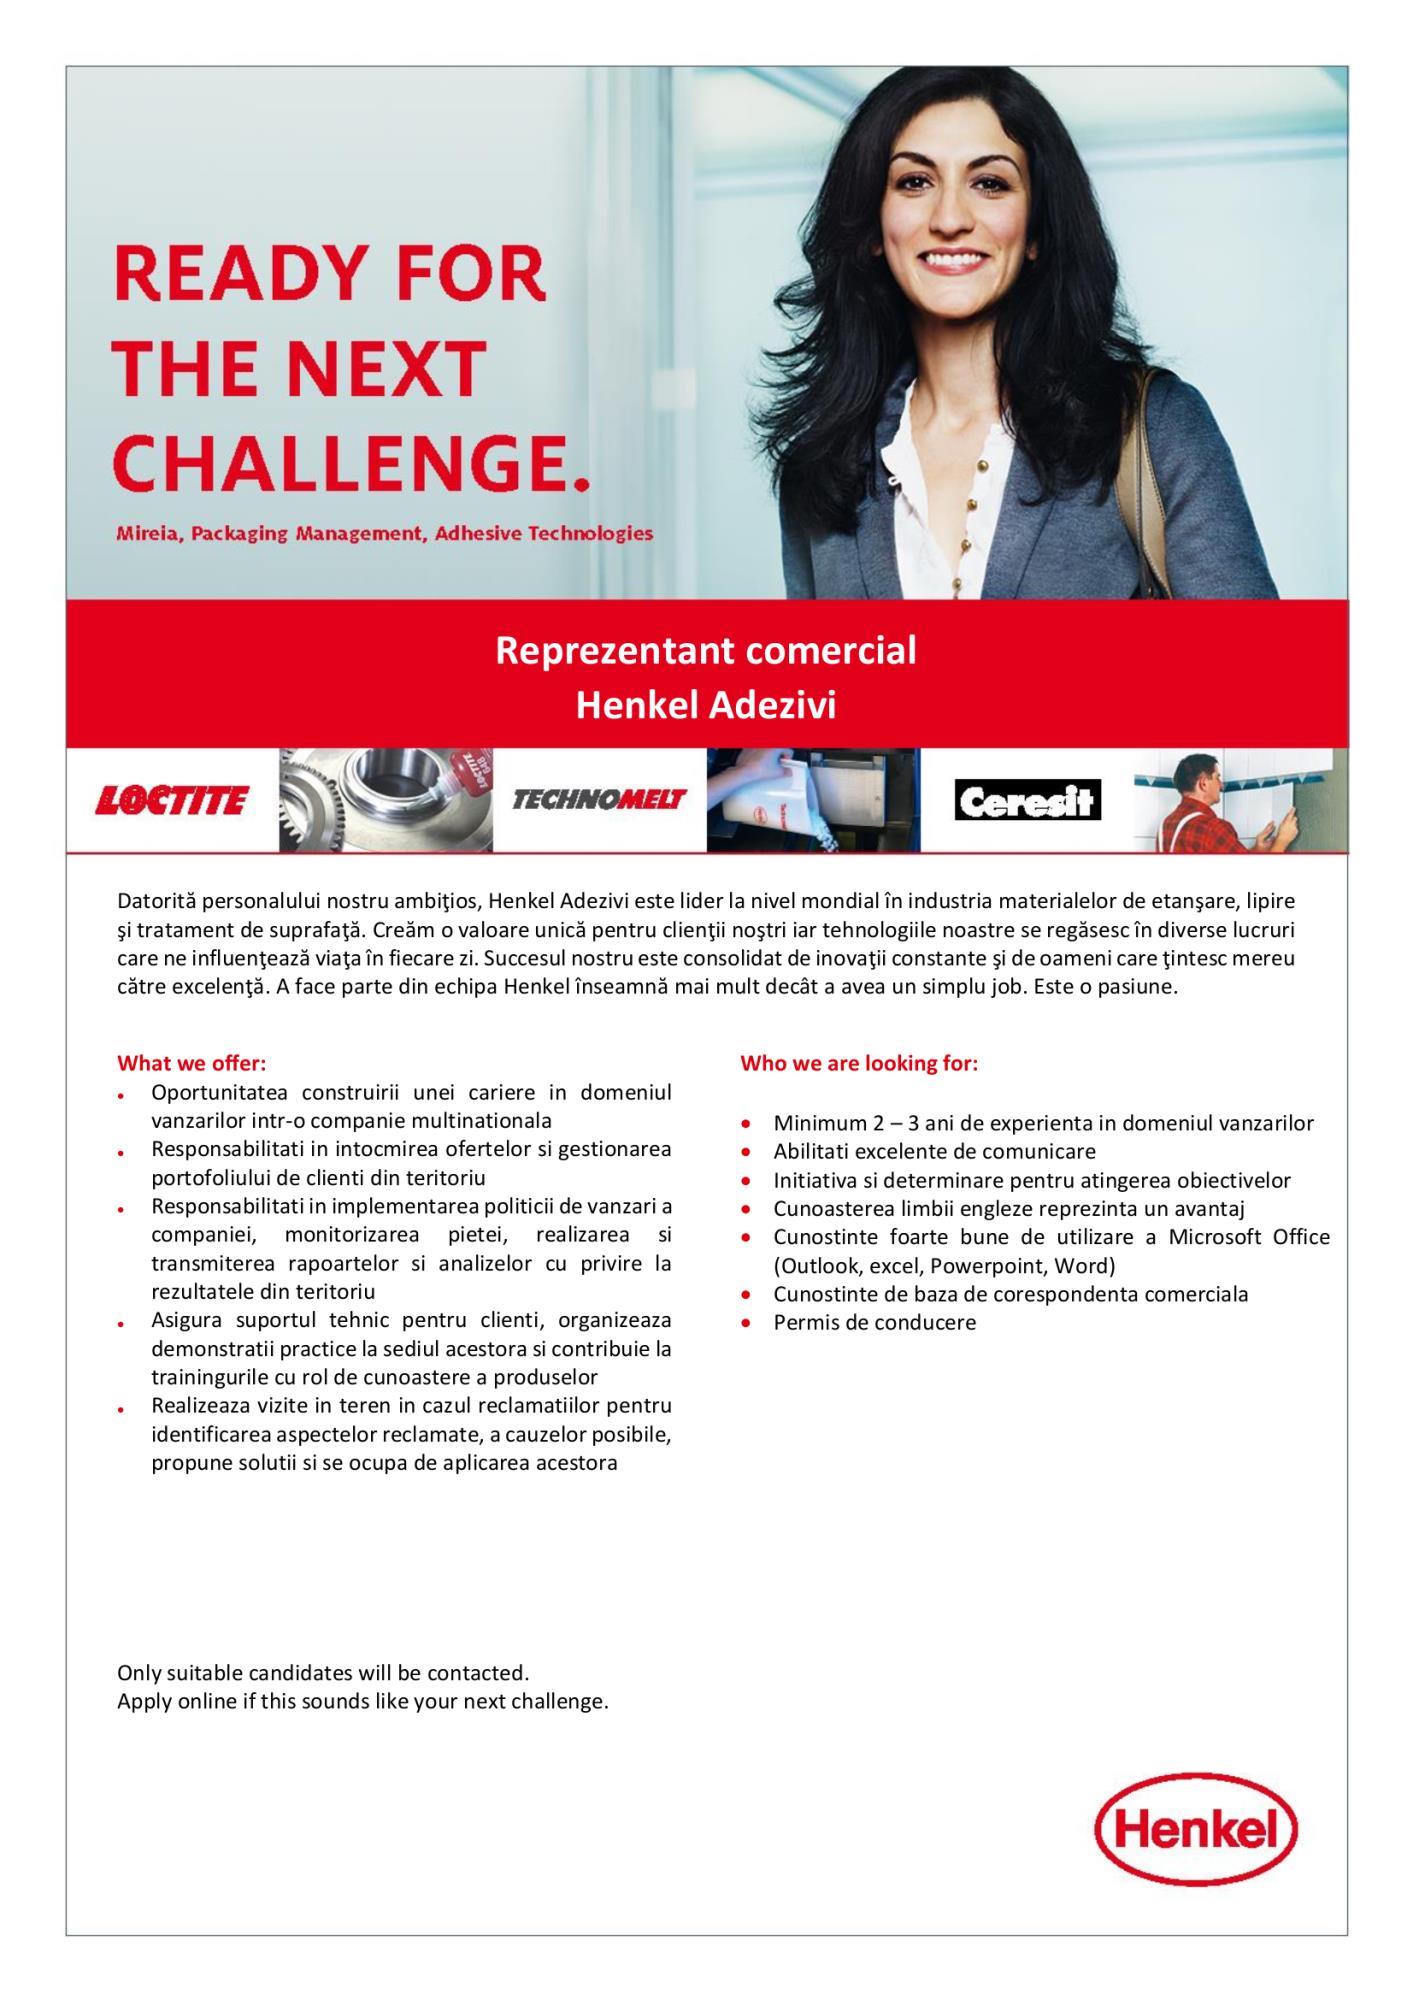 Reprezentant comercial - Henkel Adezivi